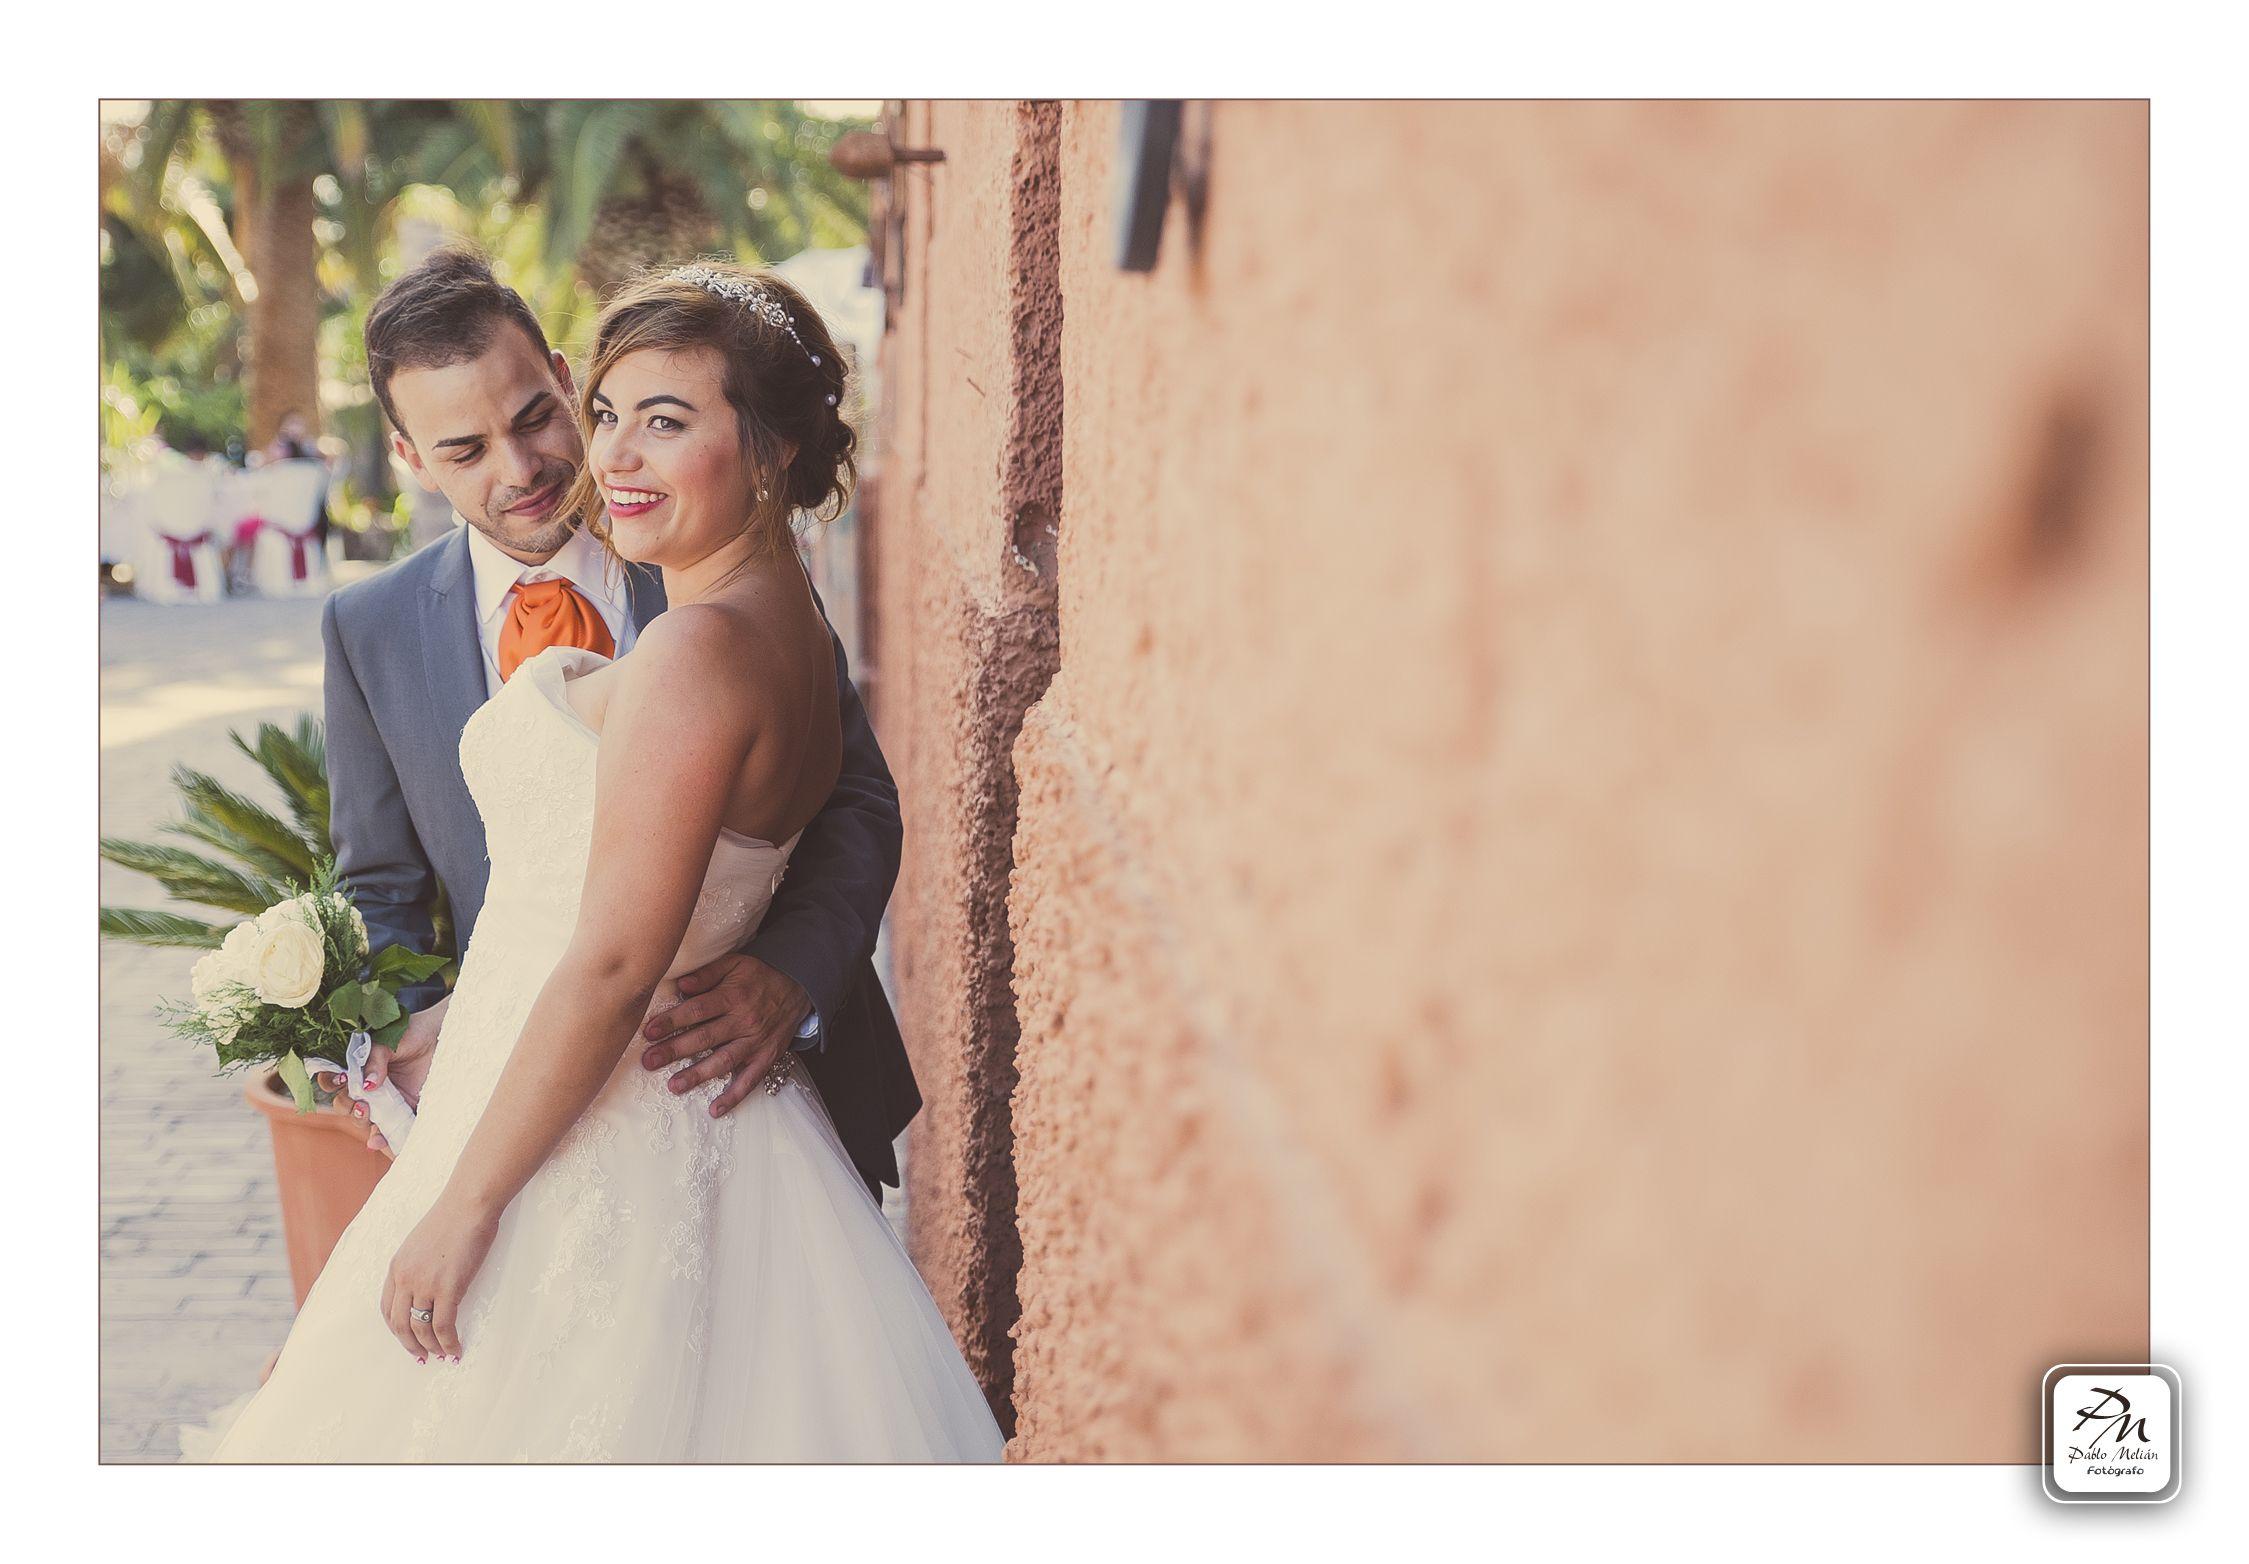 #weddingphotographer #FotografosdeBodas #CanaryIsland #Tenerife #fotografiaenestudiofotografico #talleresfotograficos #serviciosfotograficos #fotografotenerife #fotografocanarias #lovesession #instantes #eventostenerife #bodasdivertidas